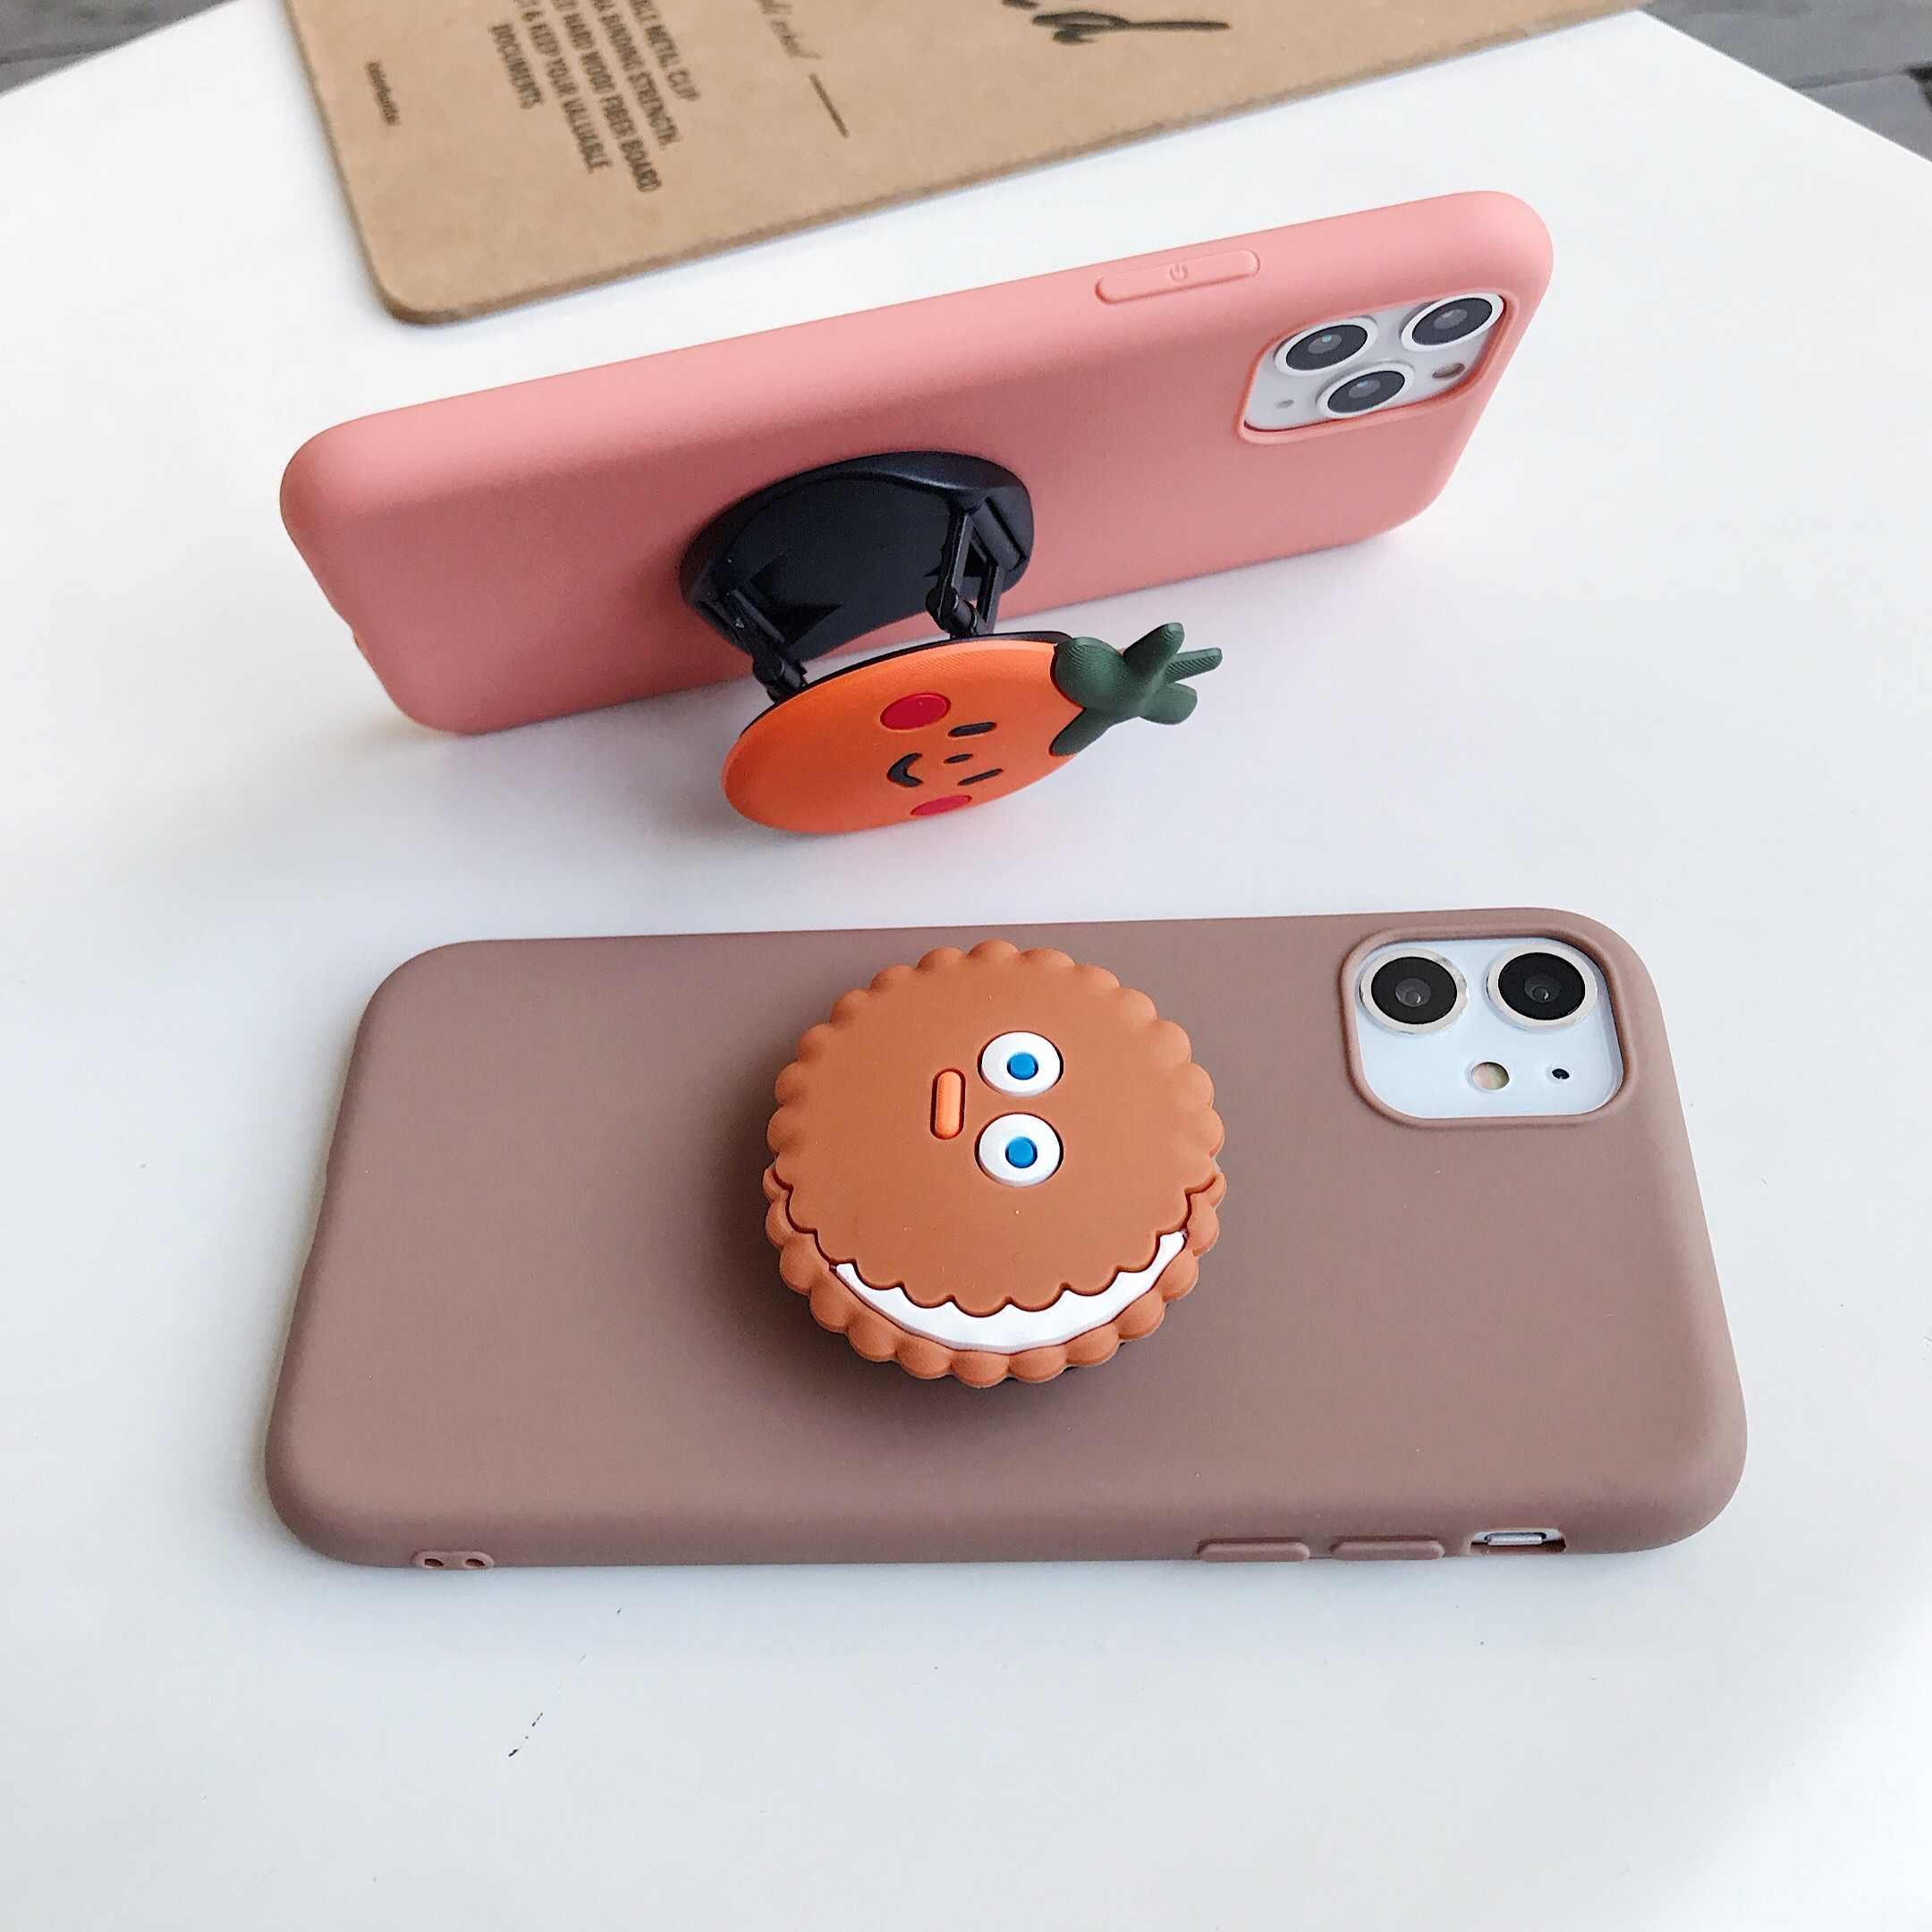 Carino Fumetto Del Supporto Del Basamento Molle Del Telefono di Tpu per Il Caso di Xiaomi Redmi 5 Più di 6 6A 7A Y3 Y2 Y1 K20 s2 Andare Nota 4 4X5 5A 6 7 K20 Pro Caso